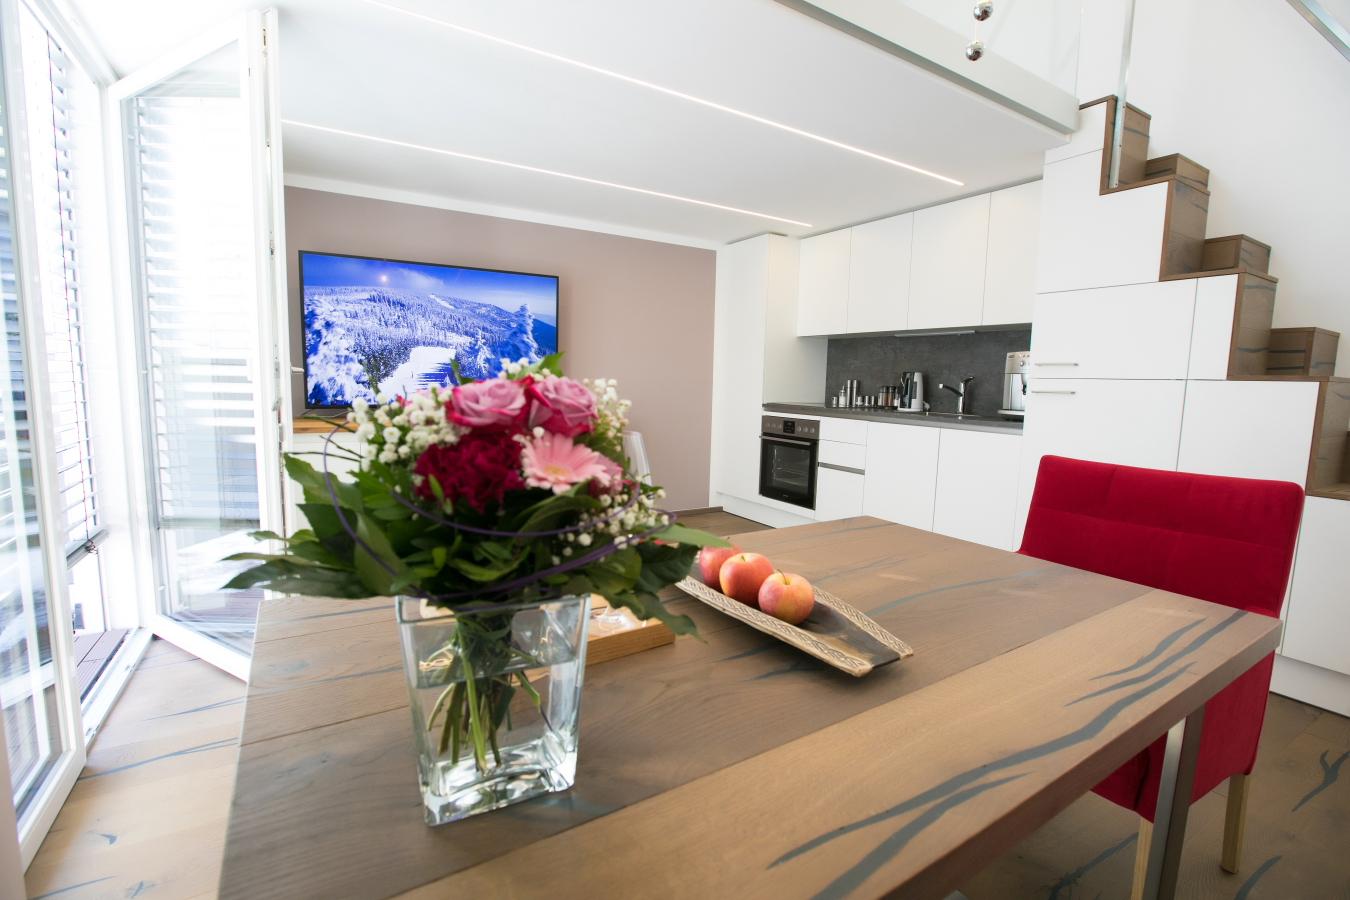 Wohnzimmer Blick zu TV